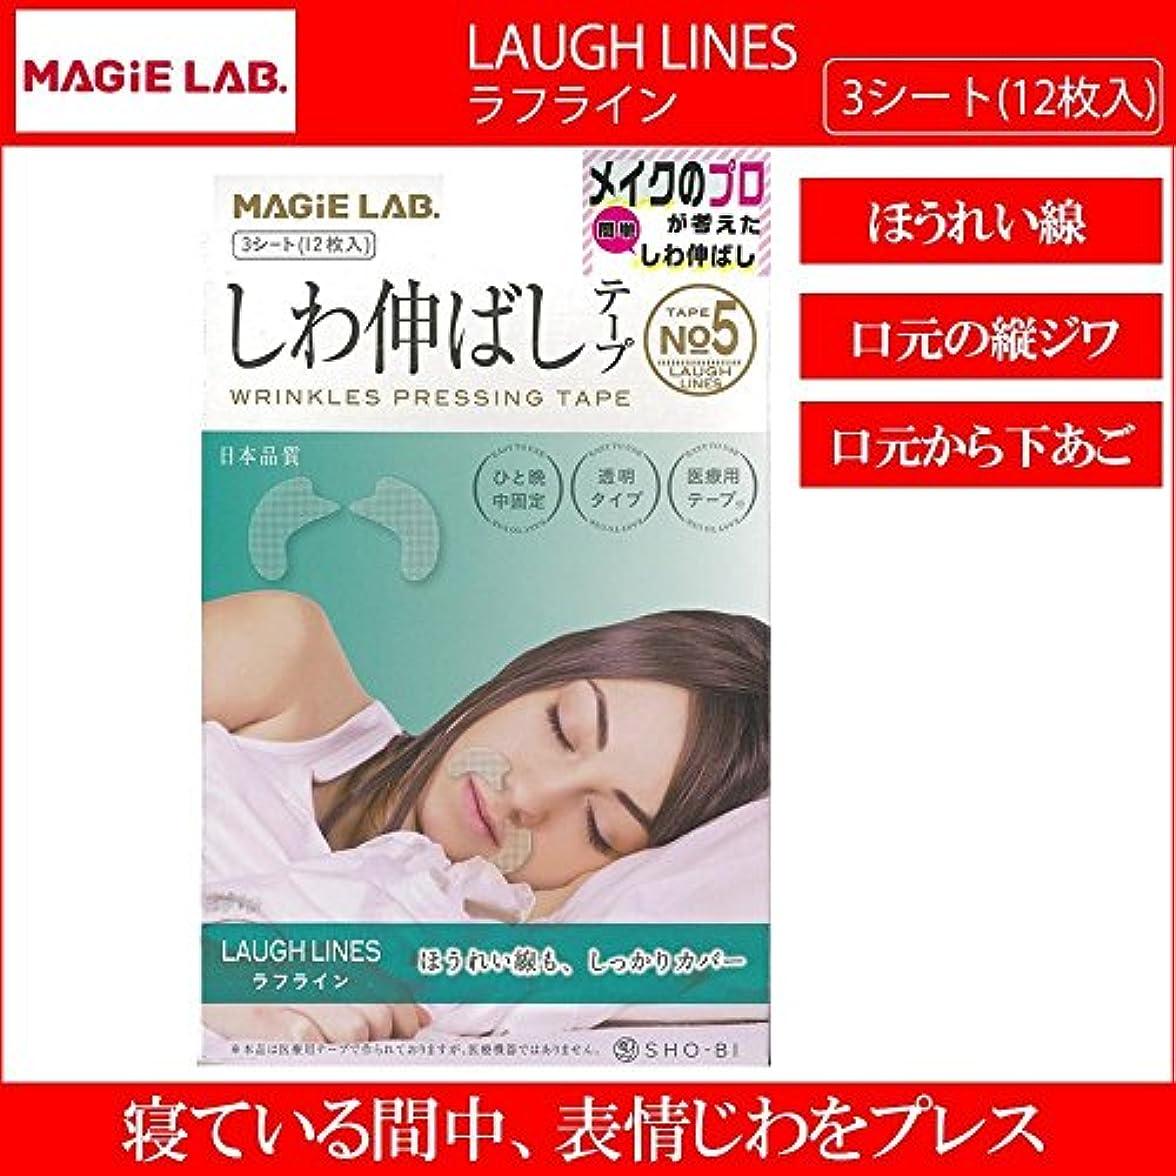 第五期待する叱るMAGiE LAB.(マジラボ) しわ伸ばしテープ NO.5 LAUGH LINES(ラフライン) 3シート(12枚入) MG22149